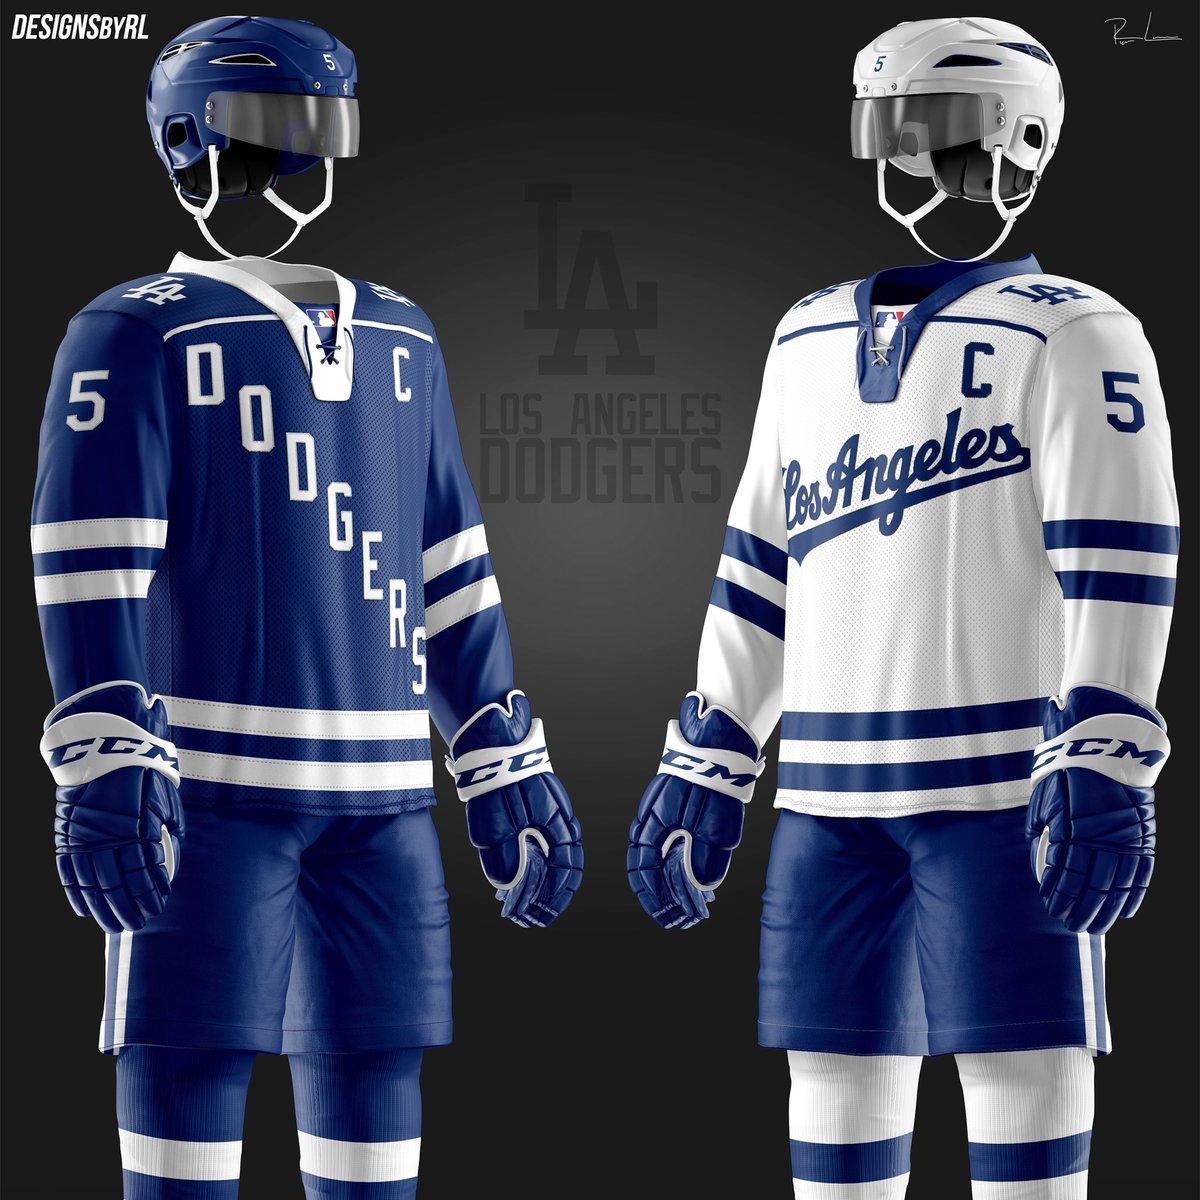 mlb hockey jerseys